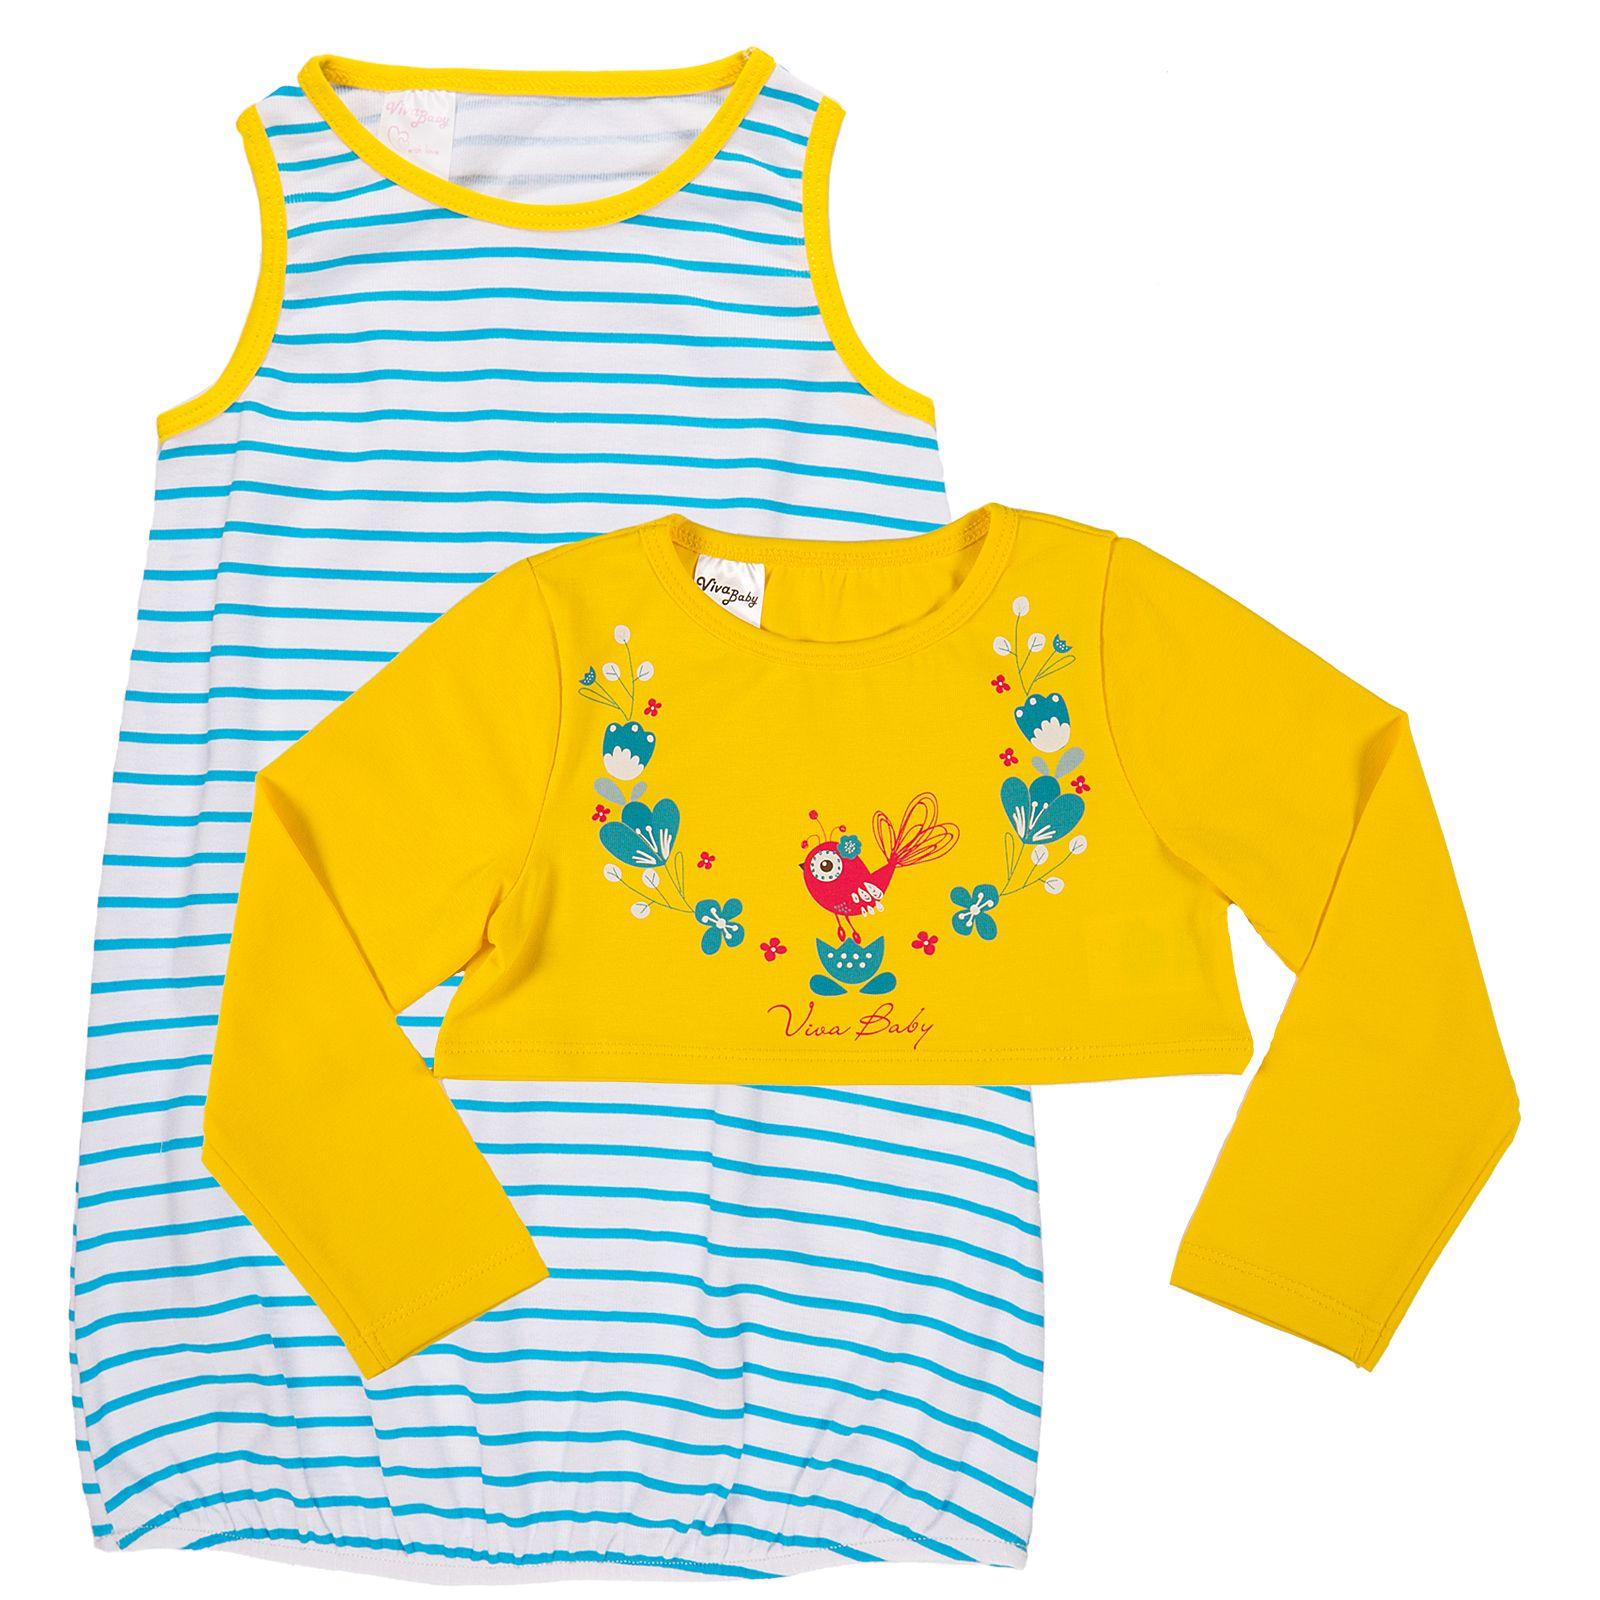 Купить Детский комплект Viva Baby D5008 желтый р.116, Детские костюмы